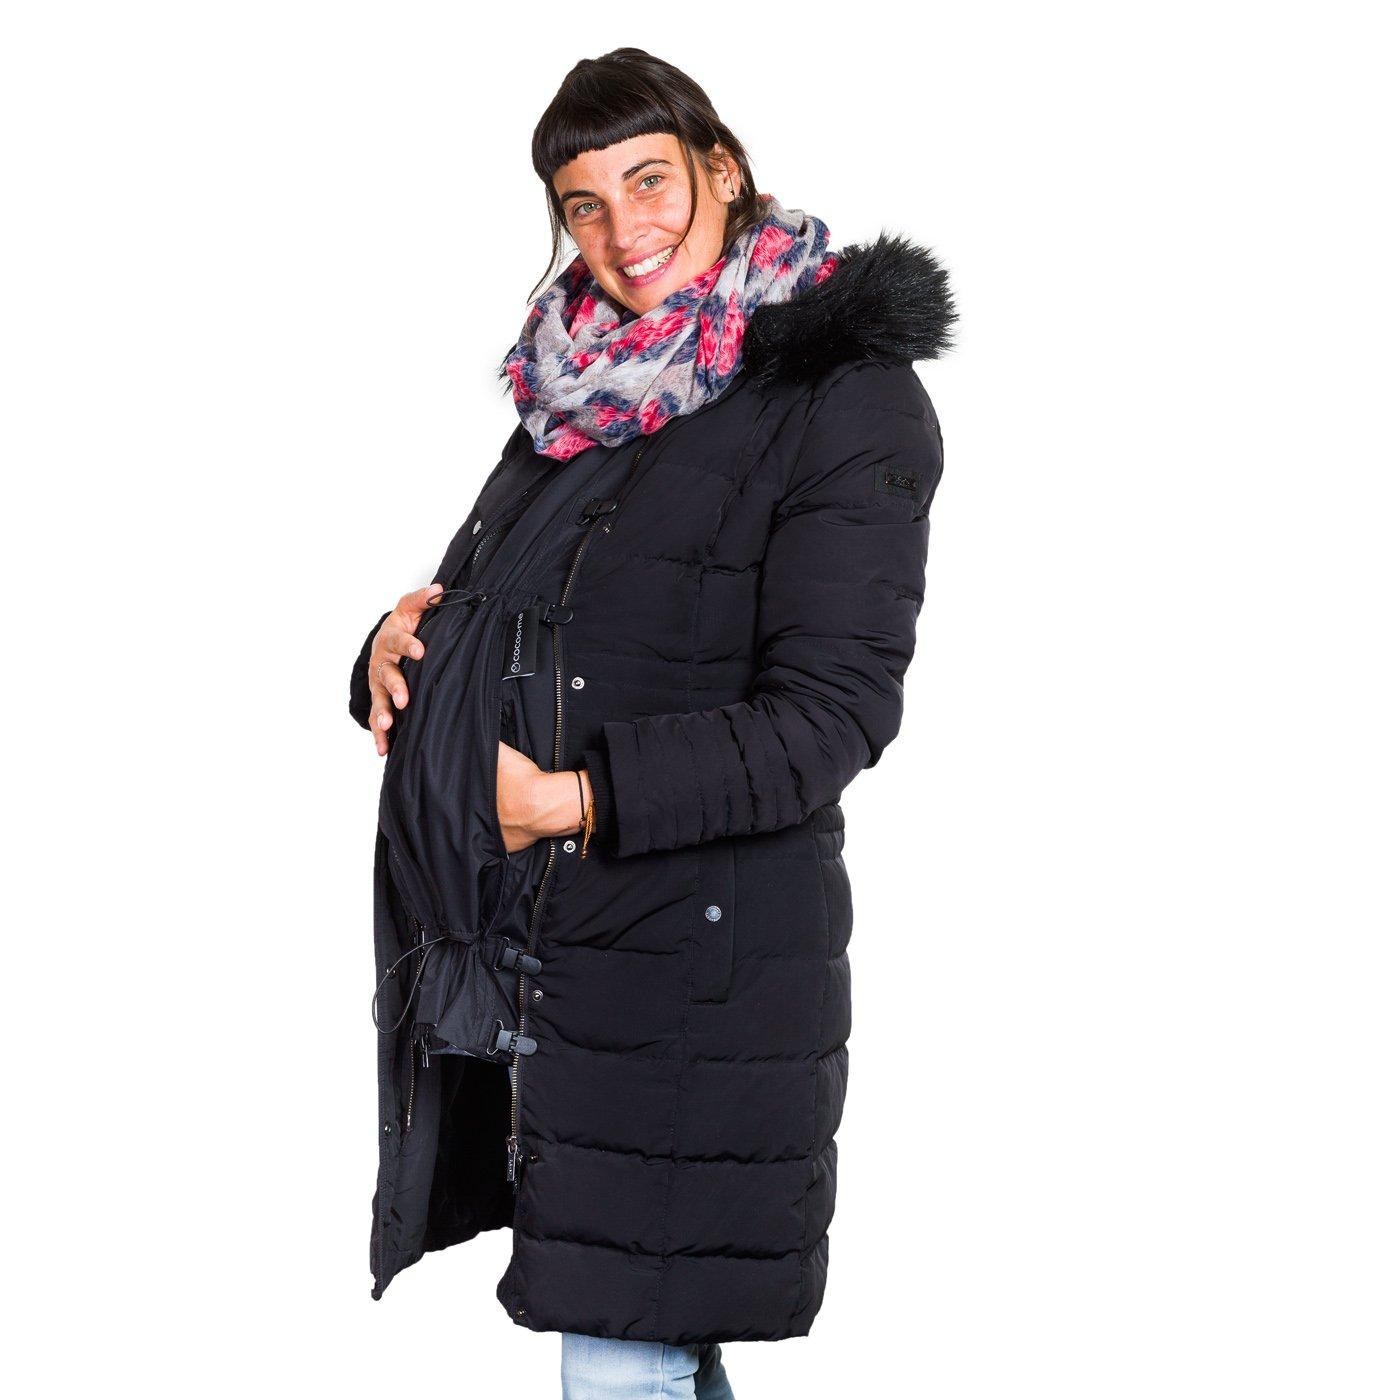 Inserto per la tua giacca | Usa la tua giacca preferita durante tutta la maternità, o come cover quando porti il tuo bambino in fascia o marsupio davanti cocoome